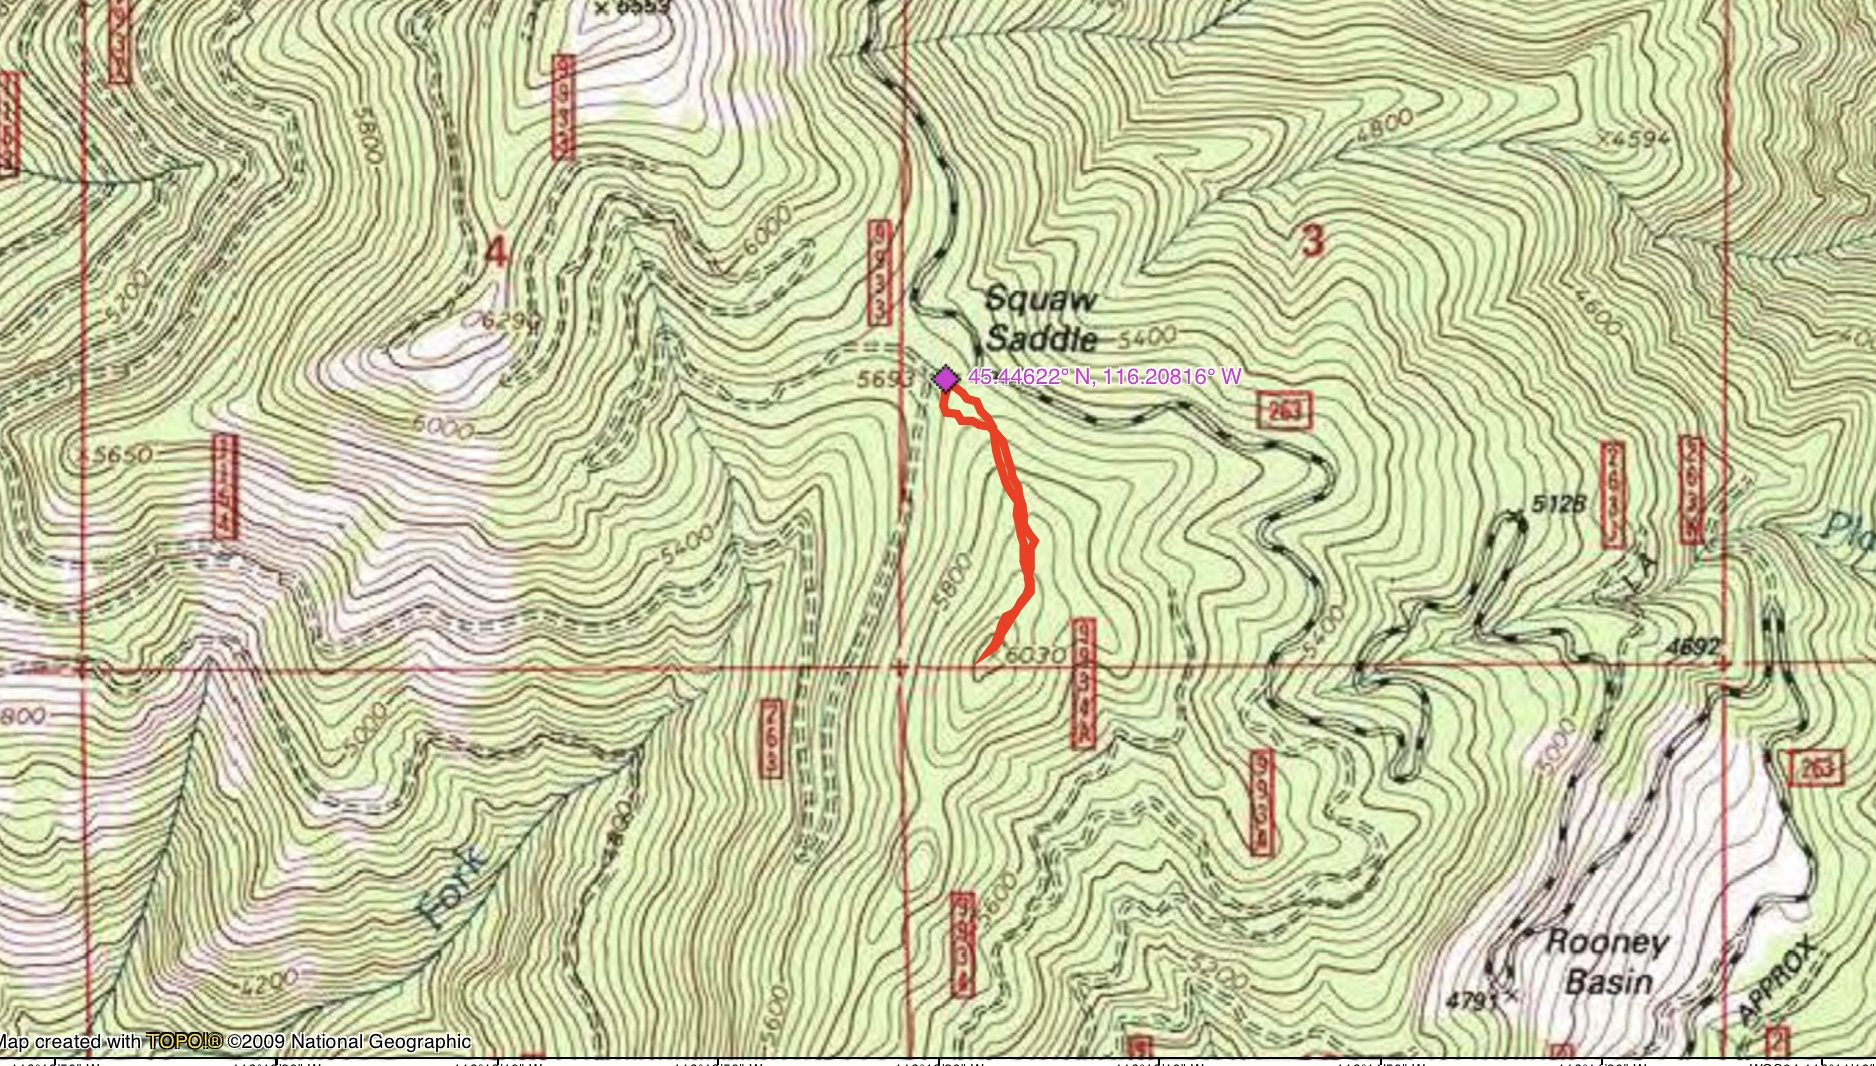 John Platt' GPS track.